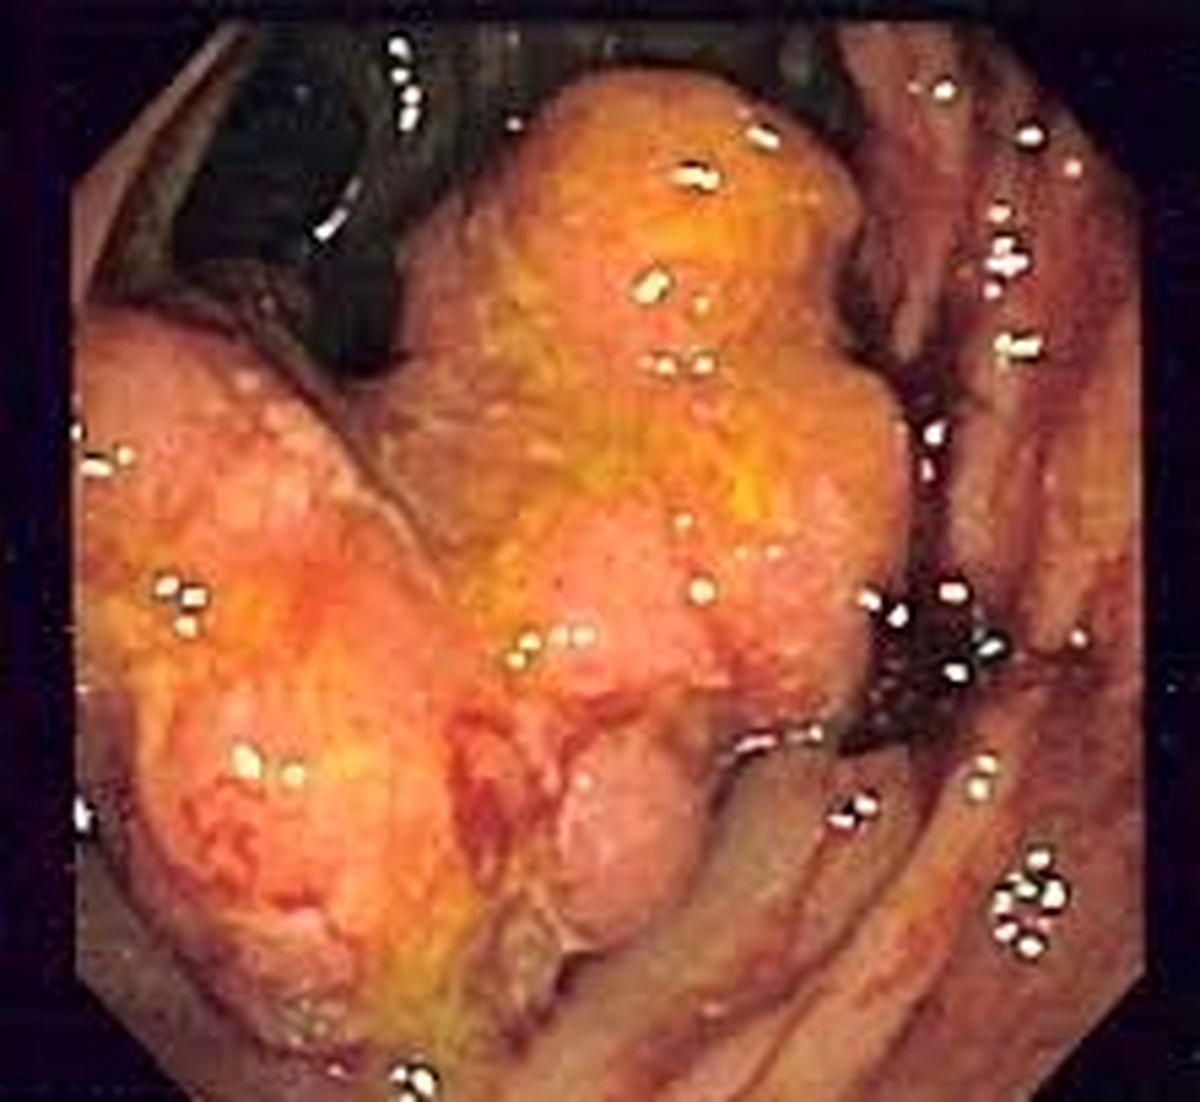 درمان سرطان روده پیدا شد+ جزئیات